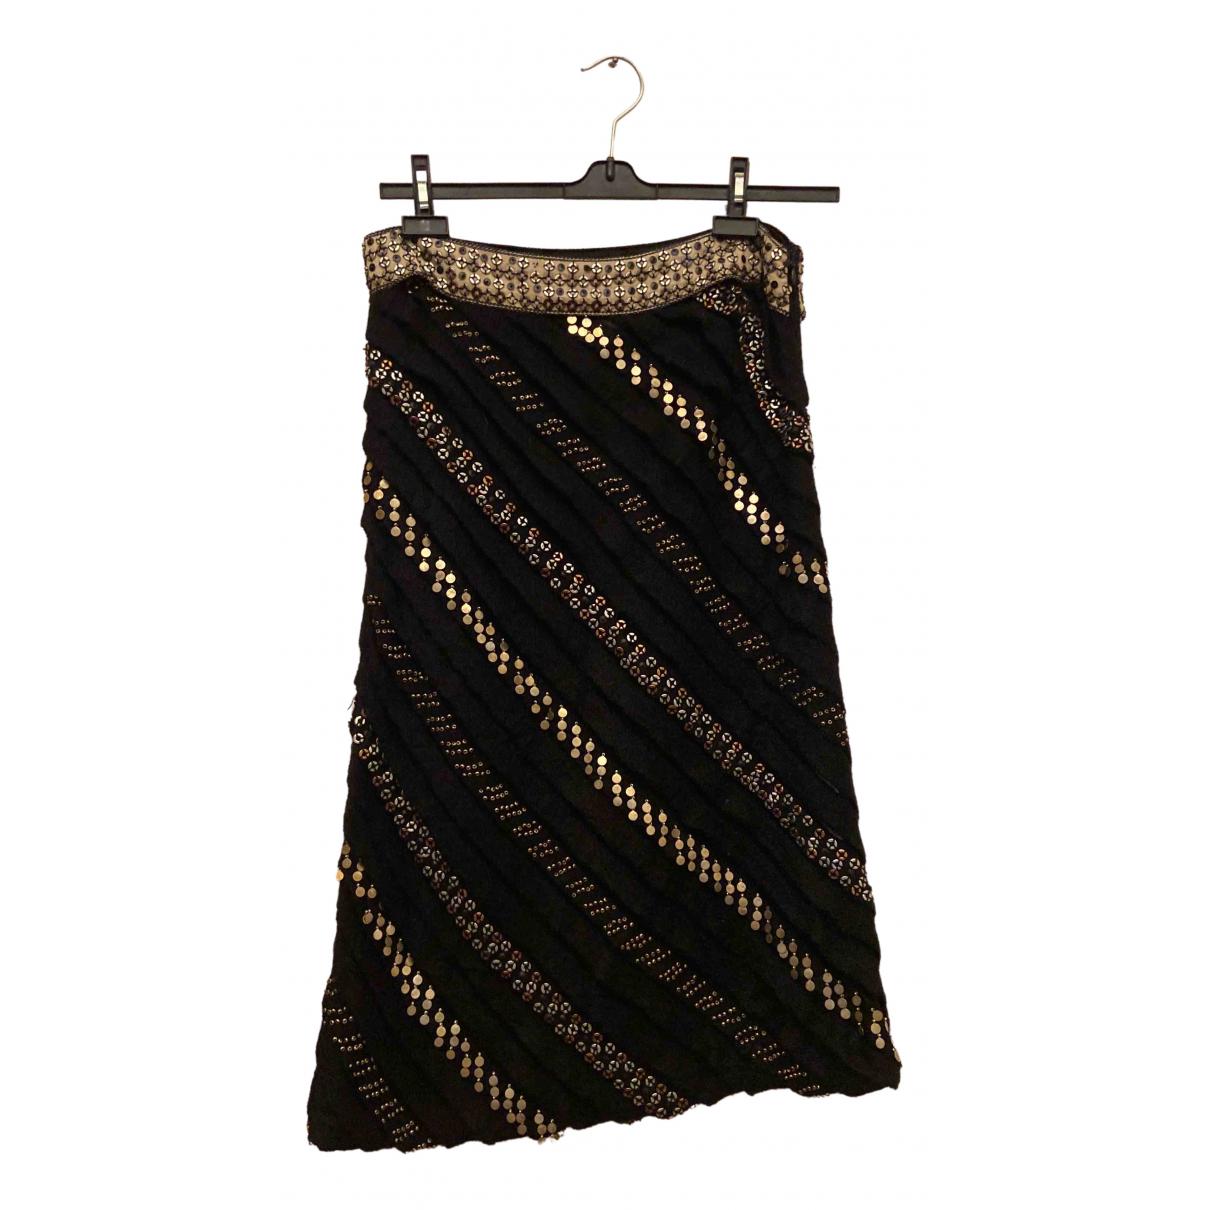 Fendi \N Black skirt for Women 42 IT